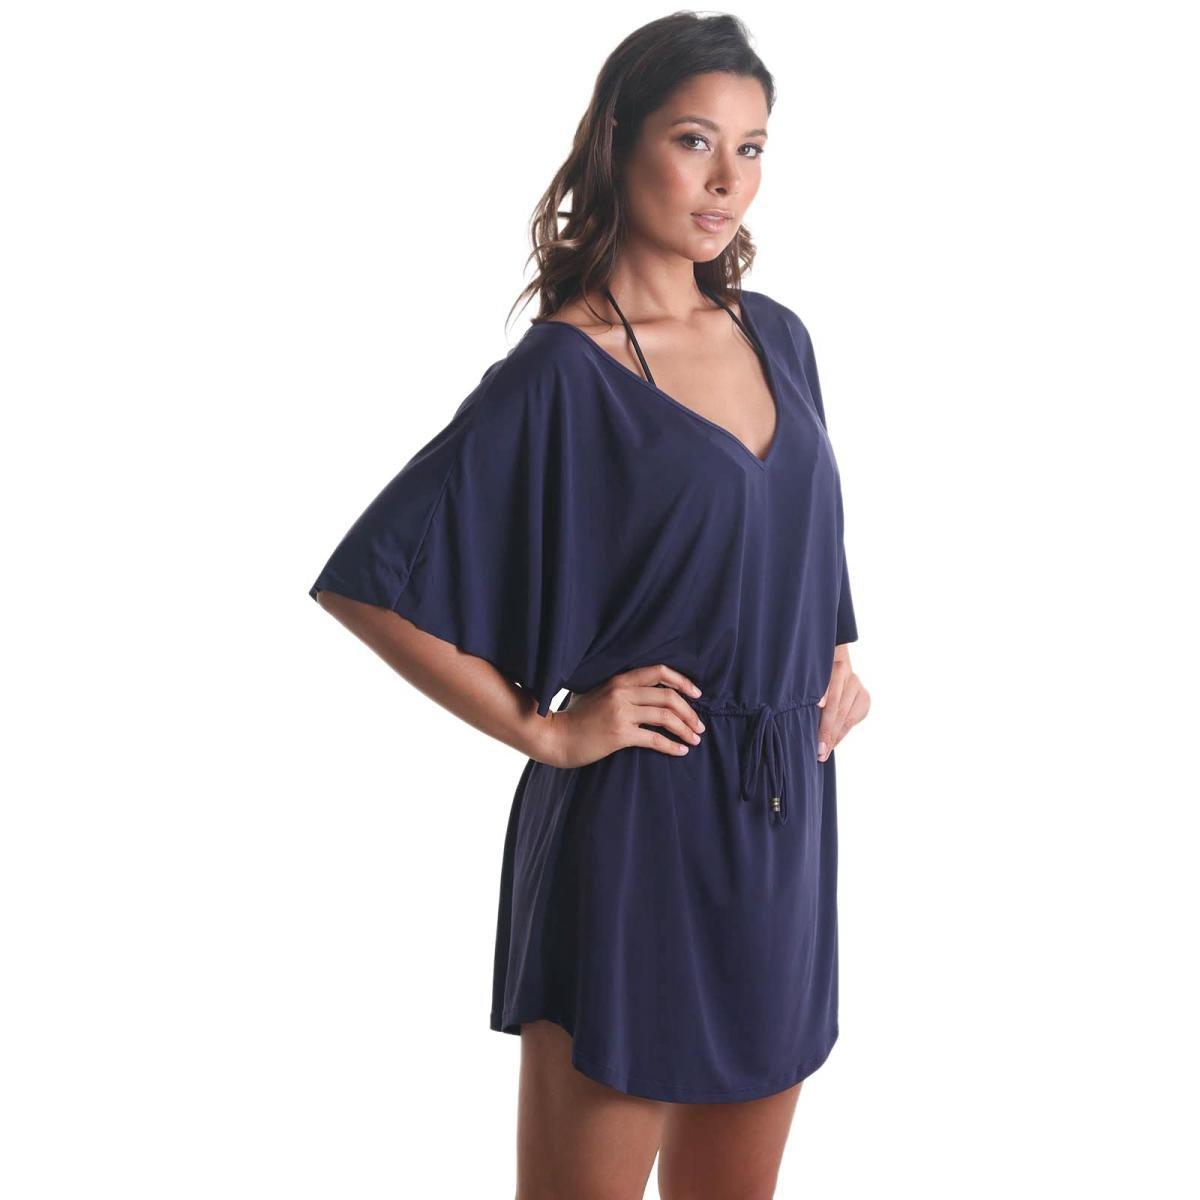 Vestido Líquido Curto Decote V com Puxador Liso Feminino - Azul